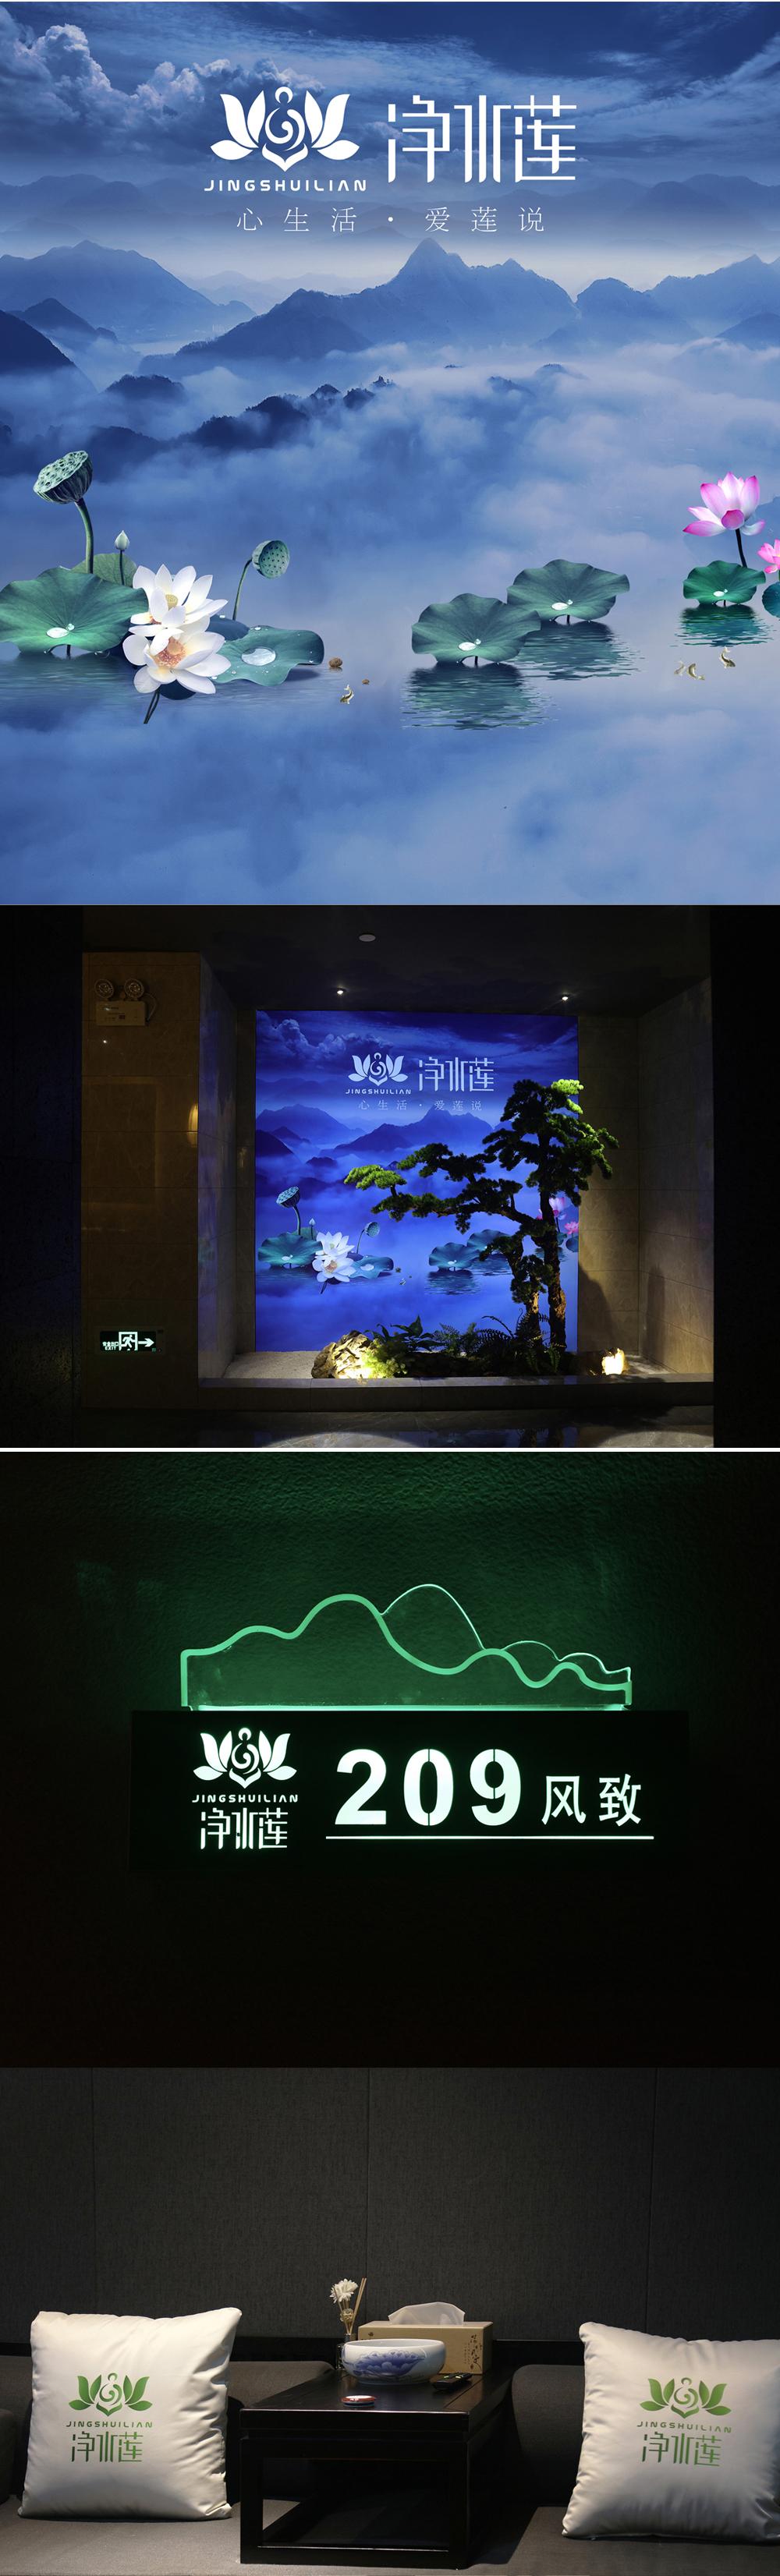 合肥净水莲品牌足浴店logo设计VIS识别系统(图4)